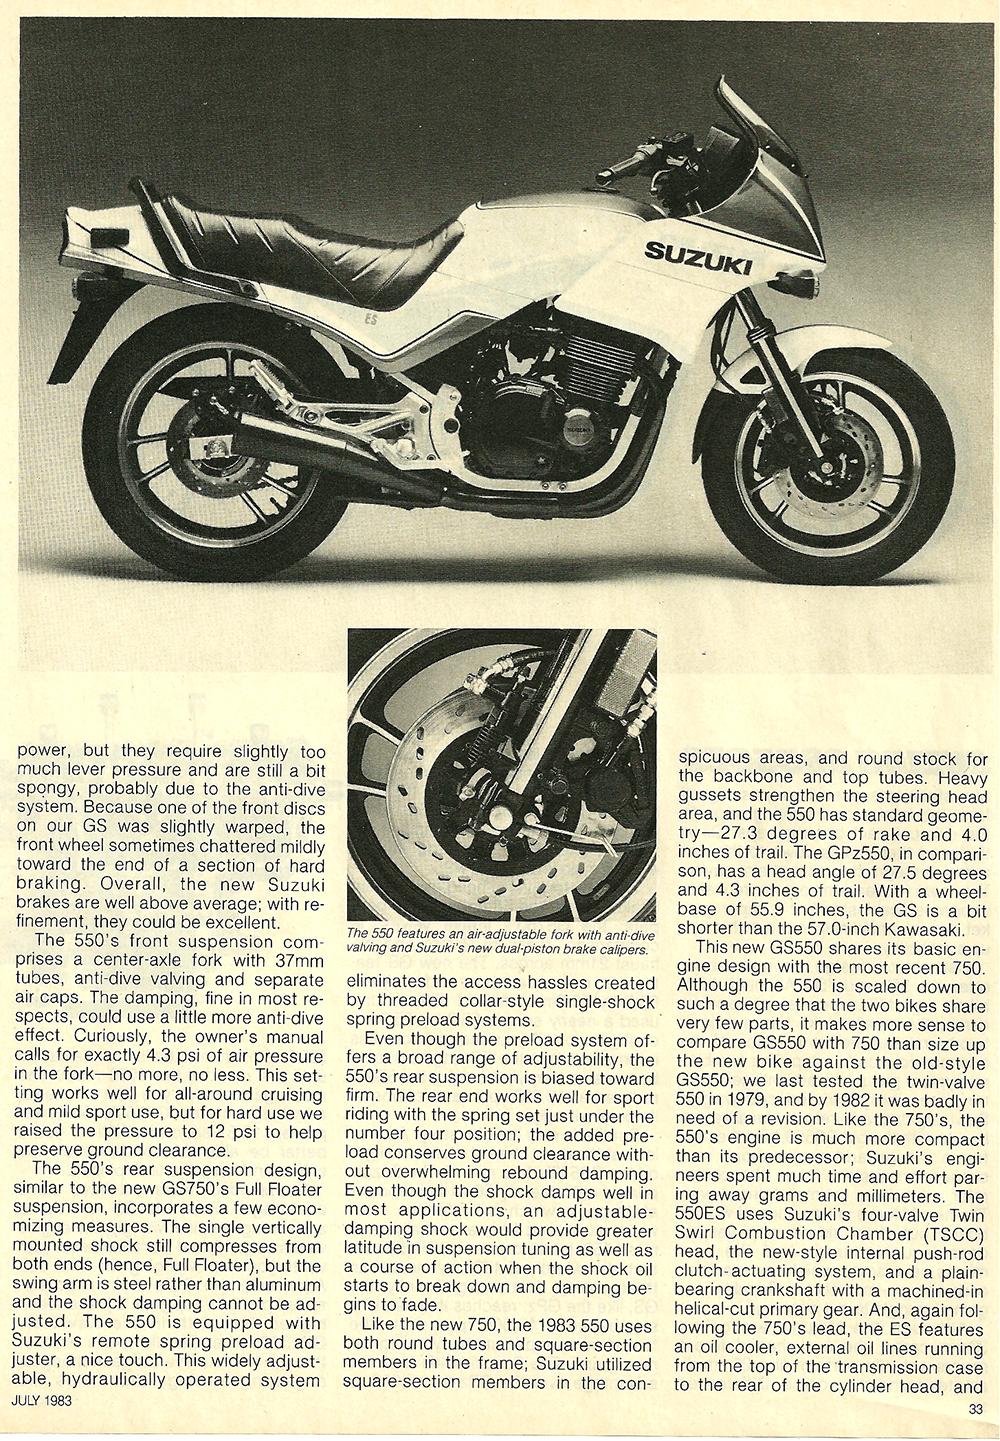 1983 Suzuki GS550ES road test 4.jpg